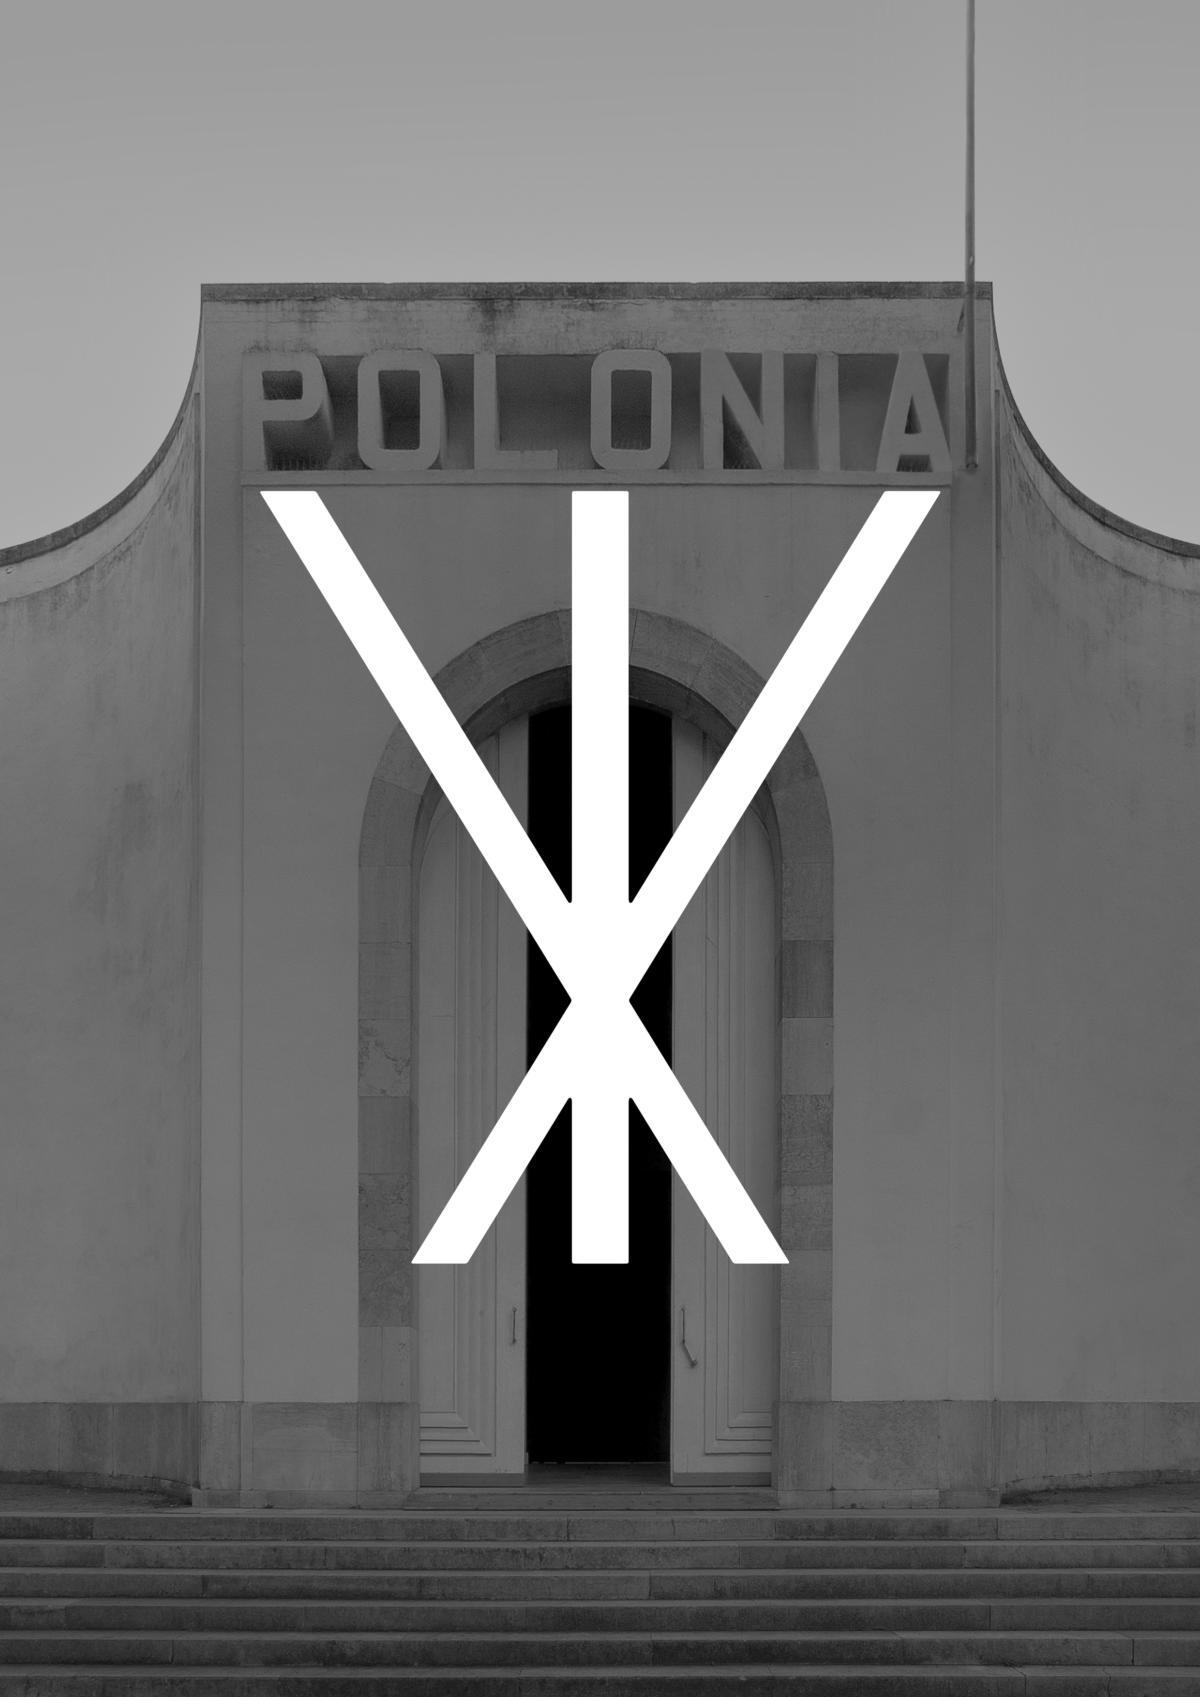 Modernizm, polityka, śmierć. Rozmowa zJakubem Woynarowskim